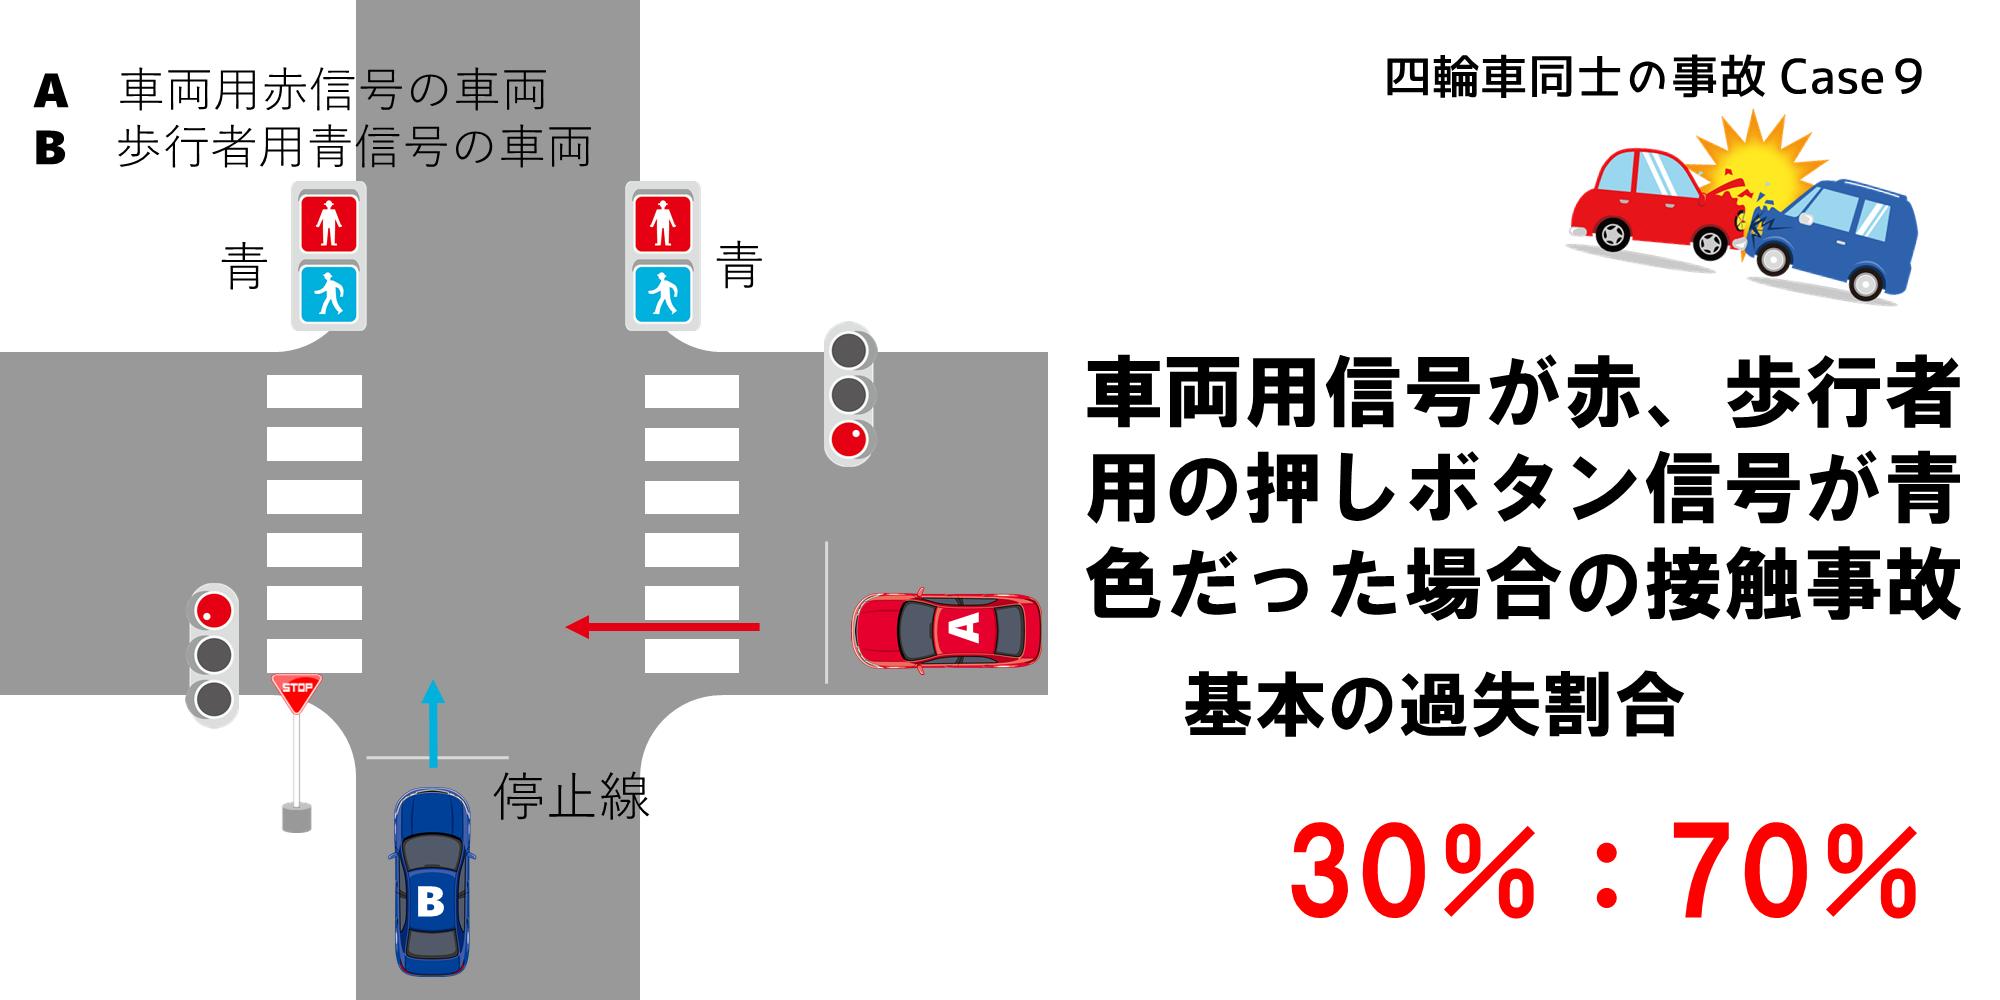 歩行者用信号が青、車両用信号が赤の場合の過失割合1